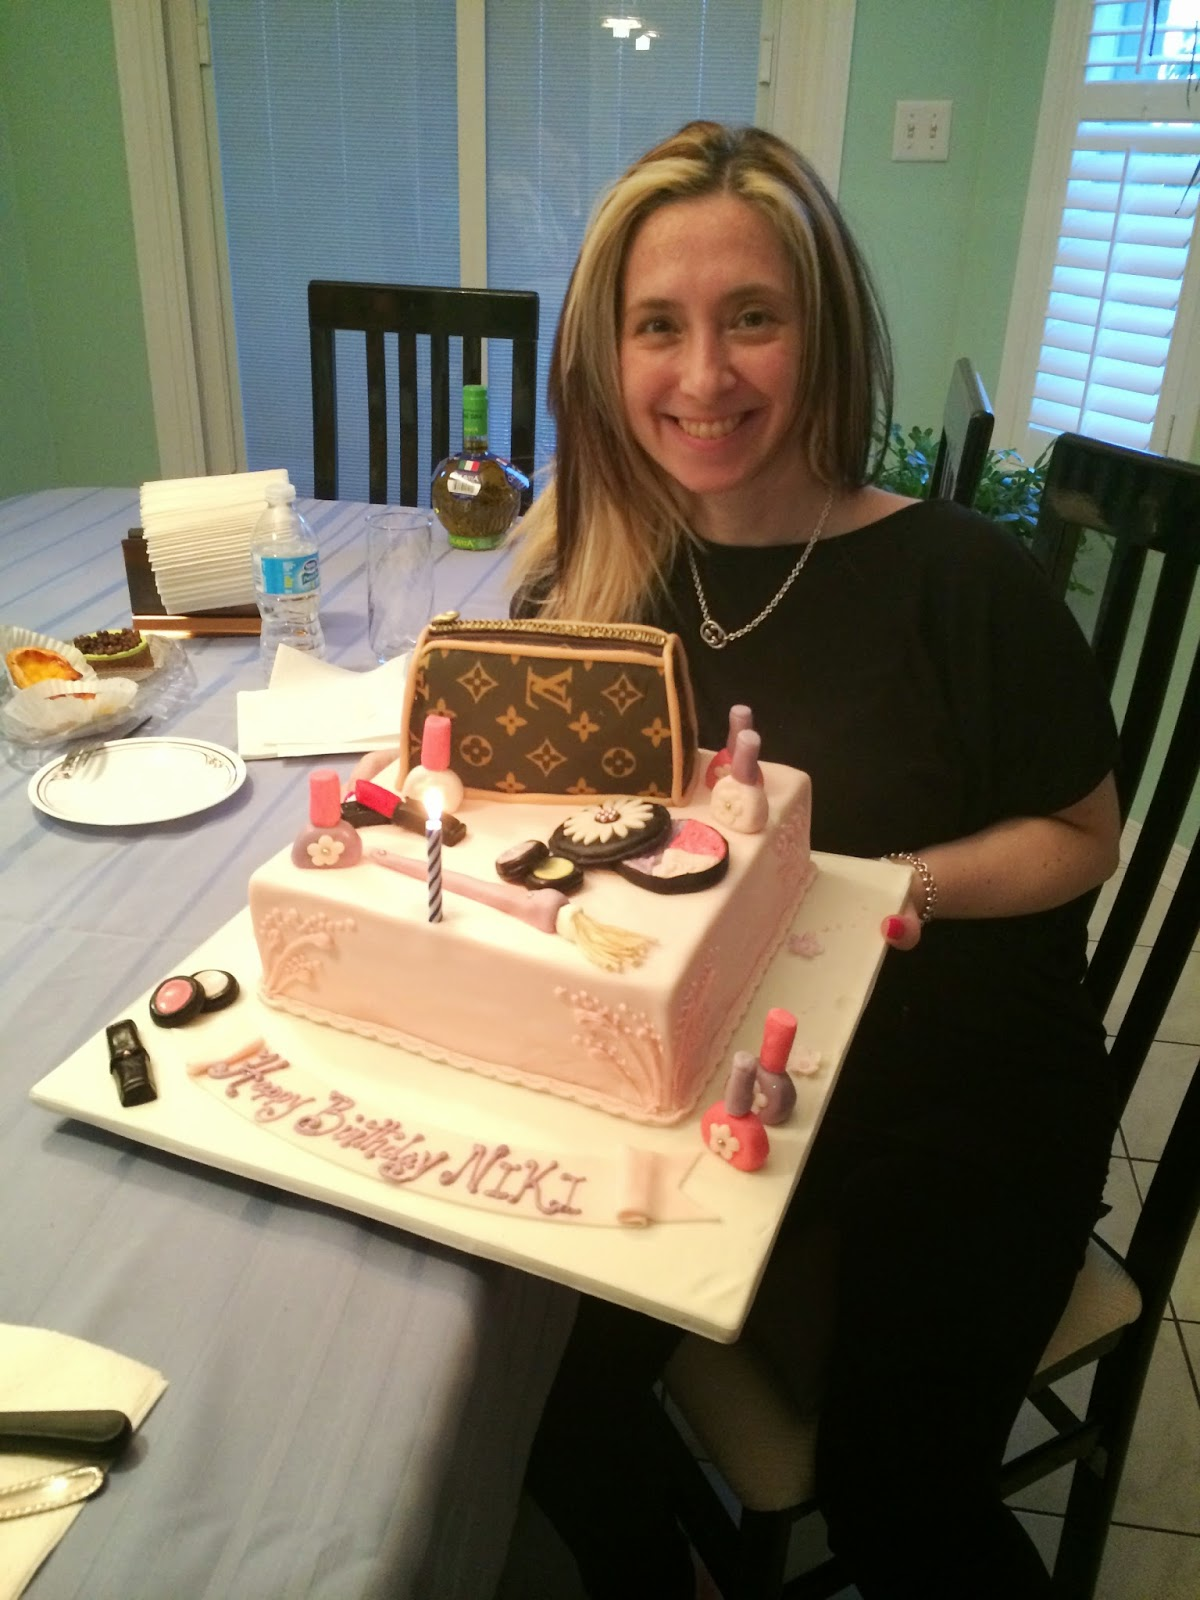 Celebrity Cake Studio - 178 Photos & 182 Reviews ...